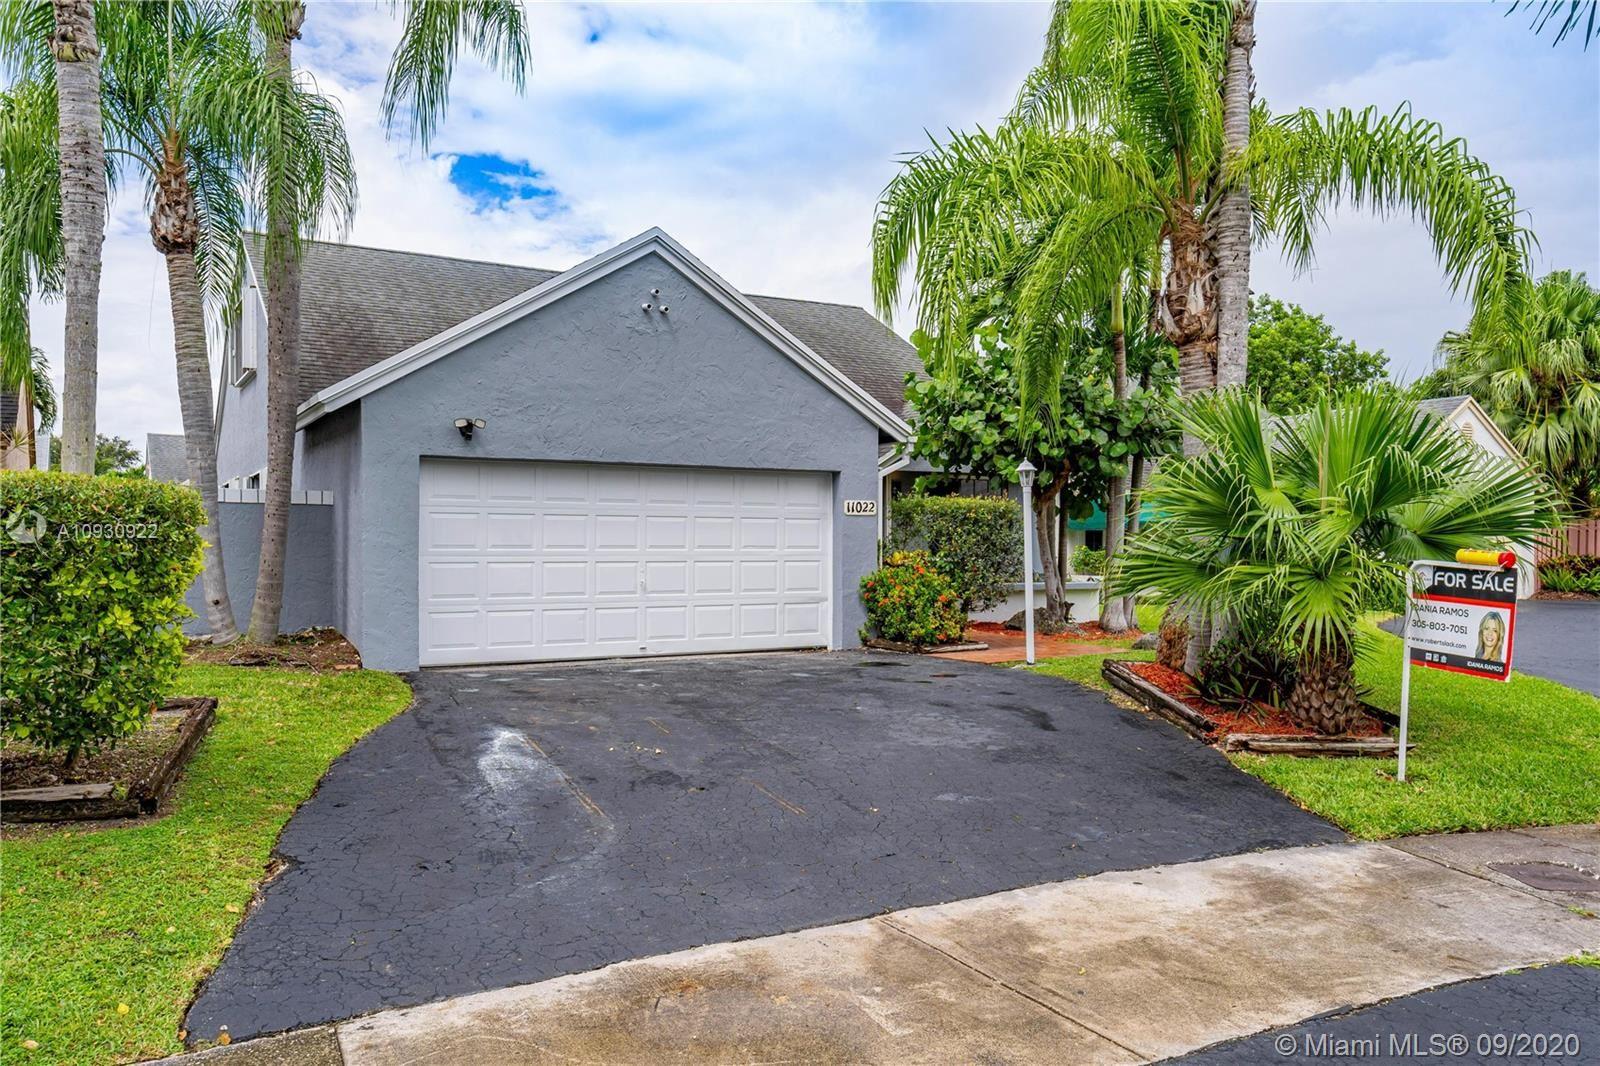 11022 SW 147th Pl, Miami, FL 33196 - #: A10930922